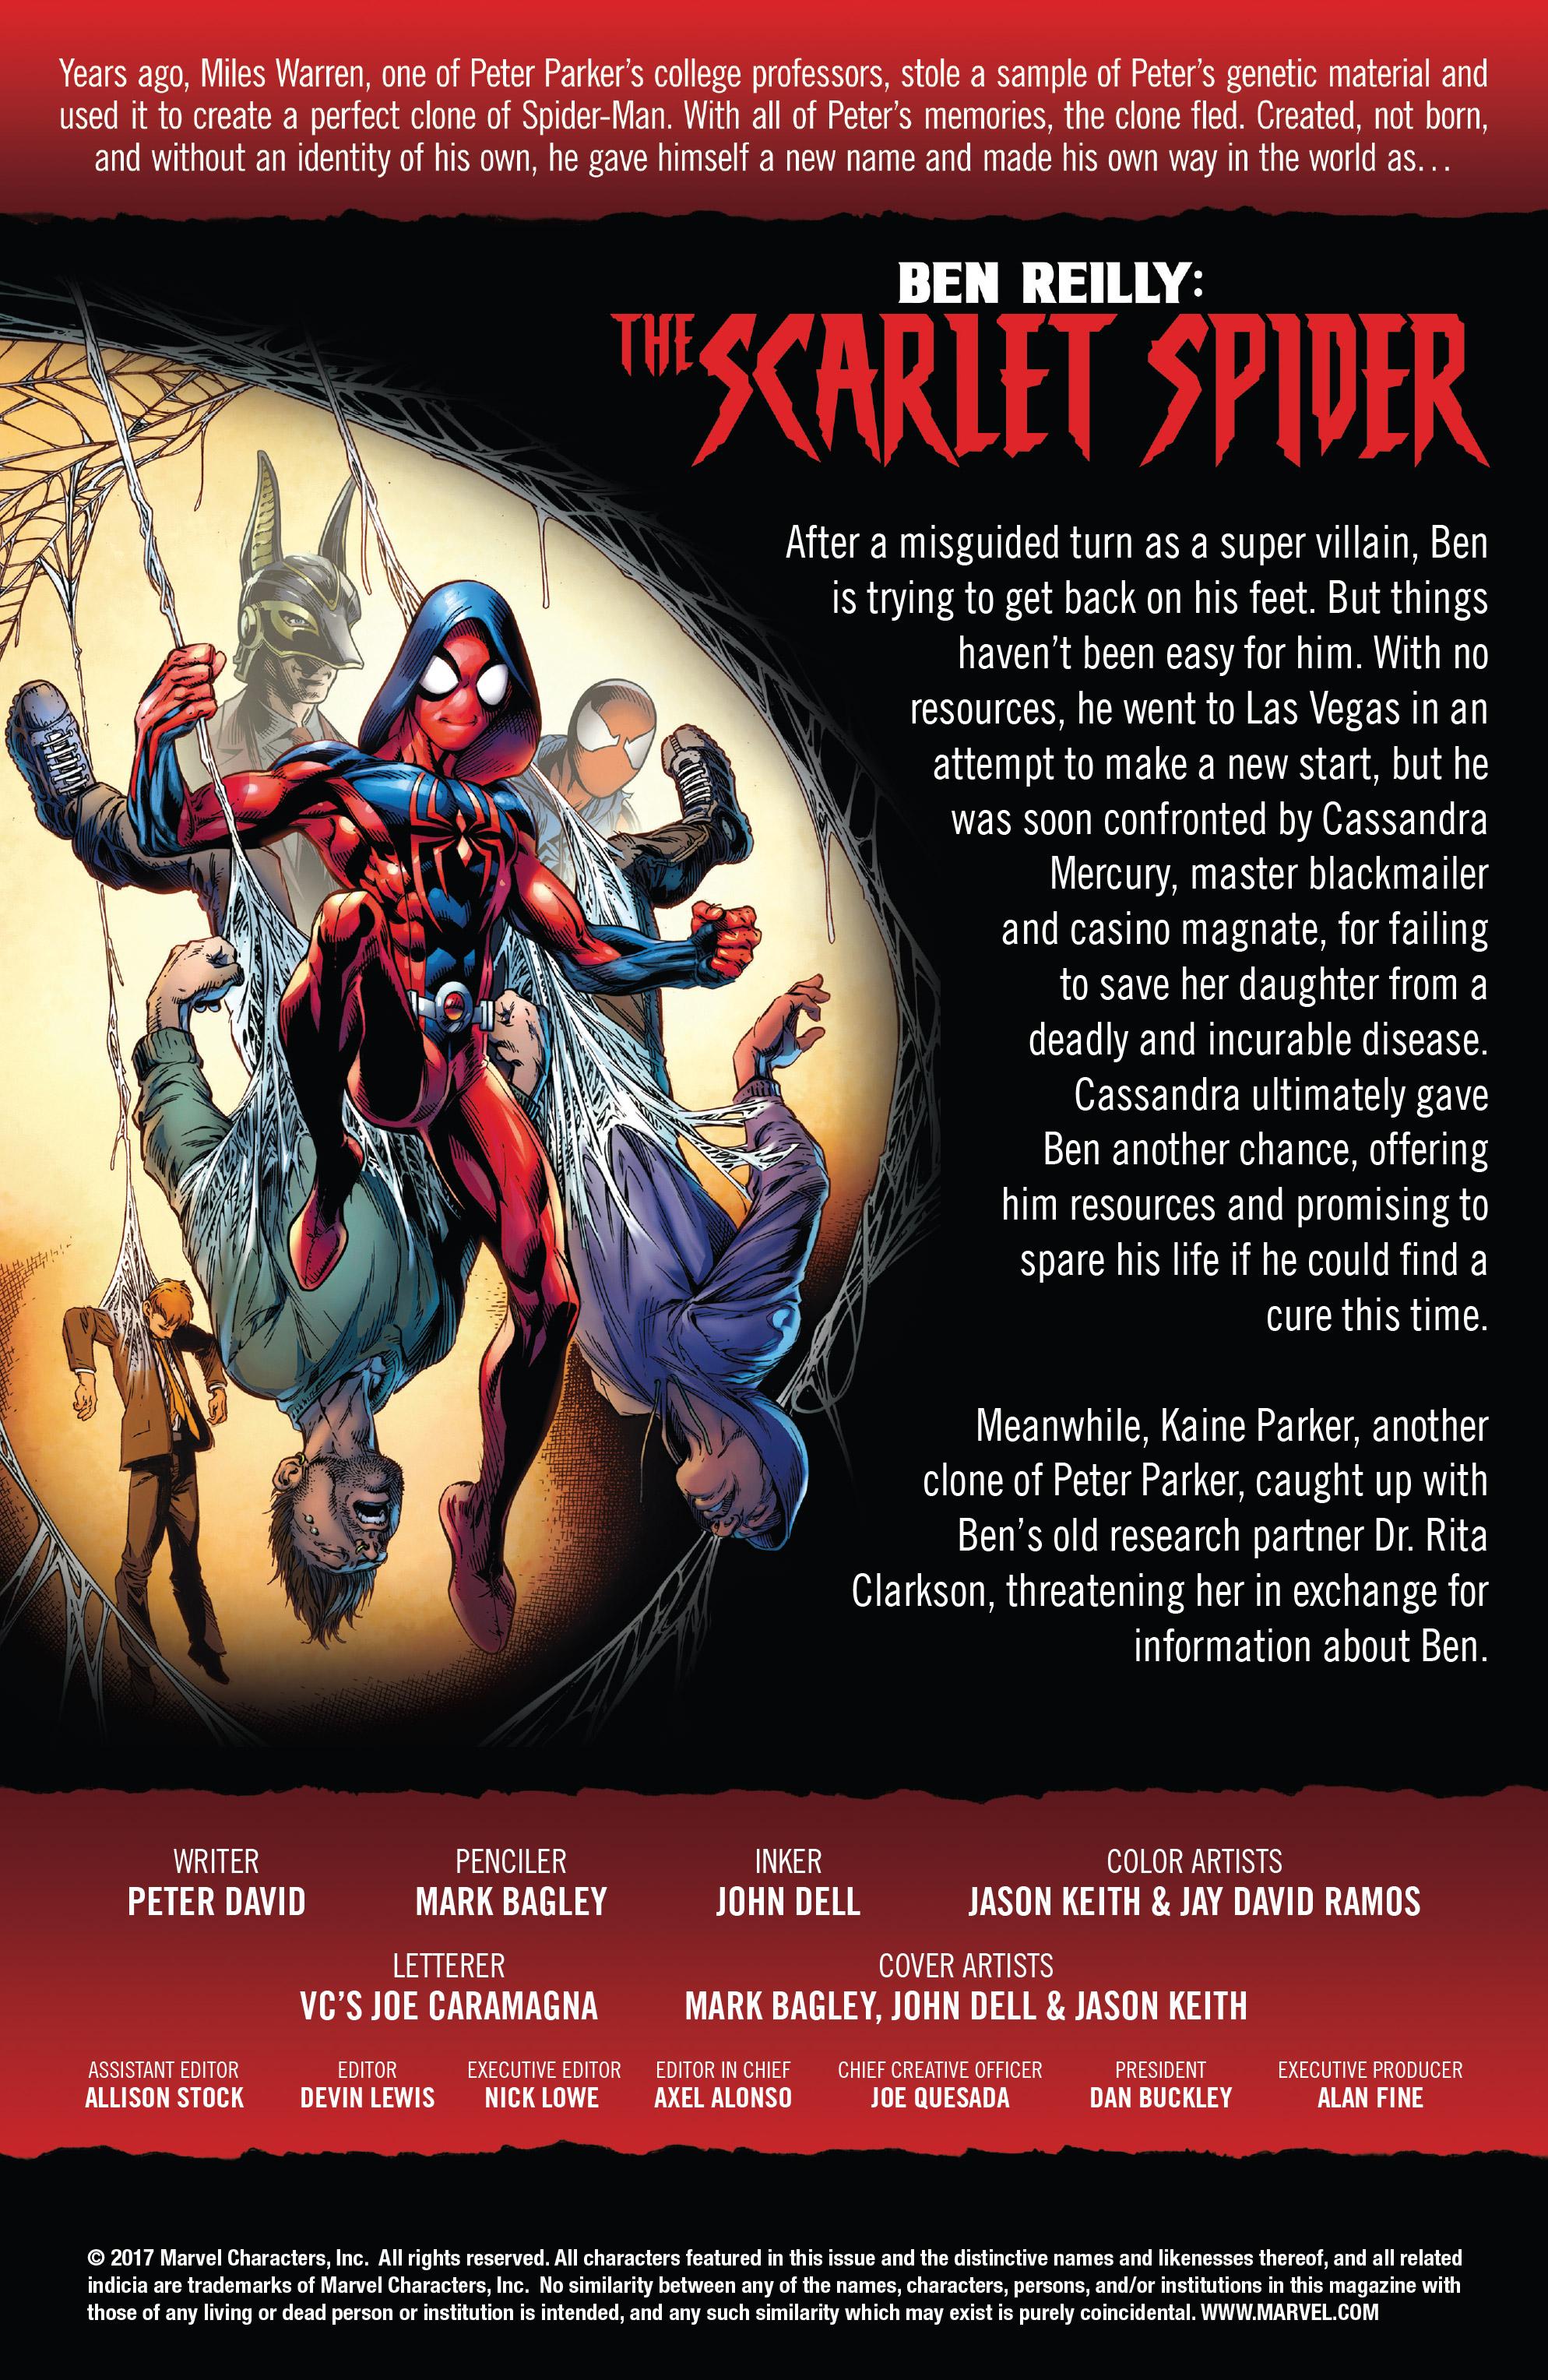 Read online Ben Reilly: Scarlet Spider comic -  Issue #3 - 2